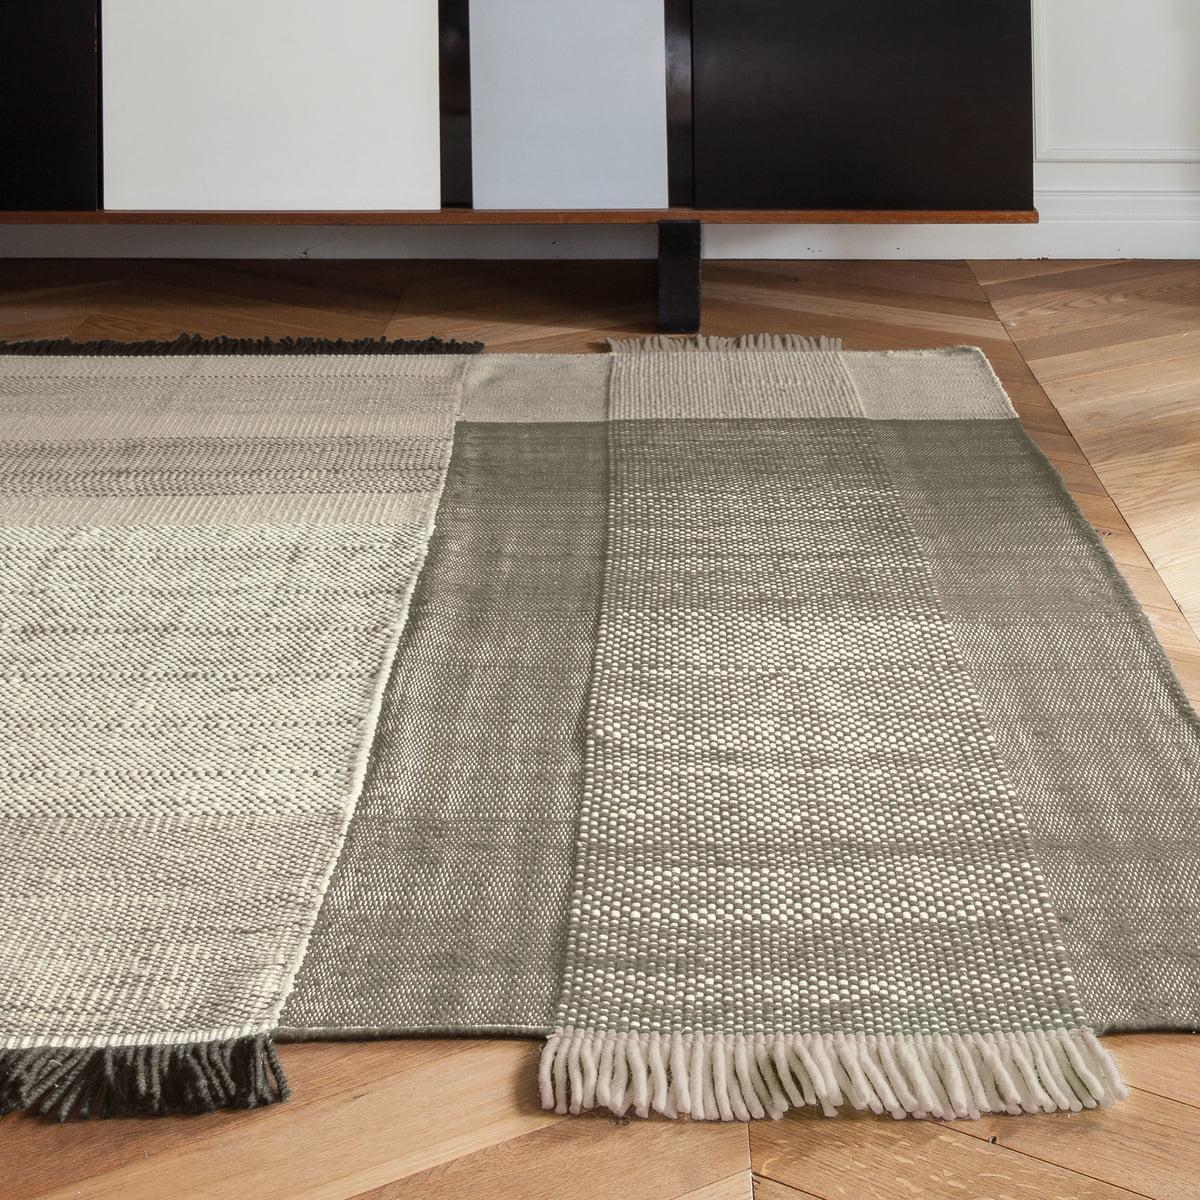 Tres teppich von nanimarquina - Alfombras nani marquina ...